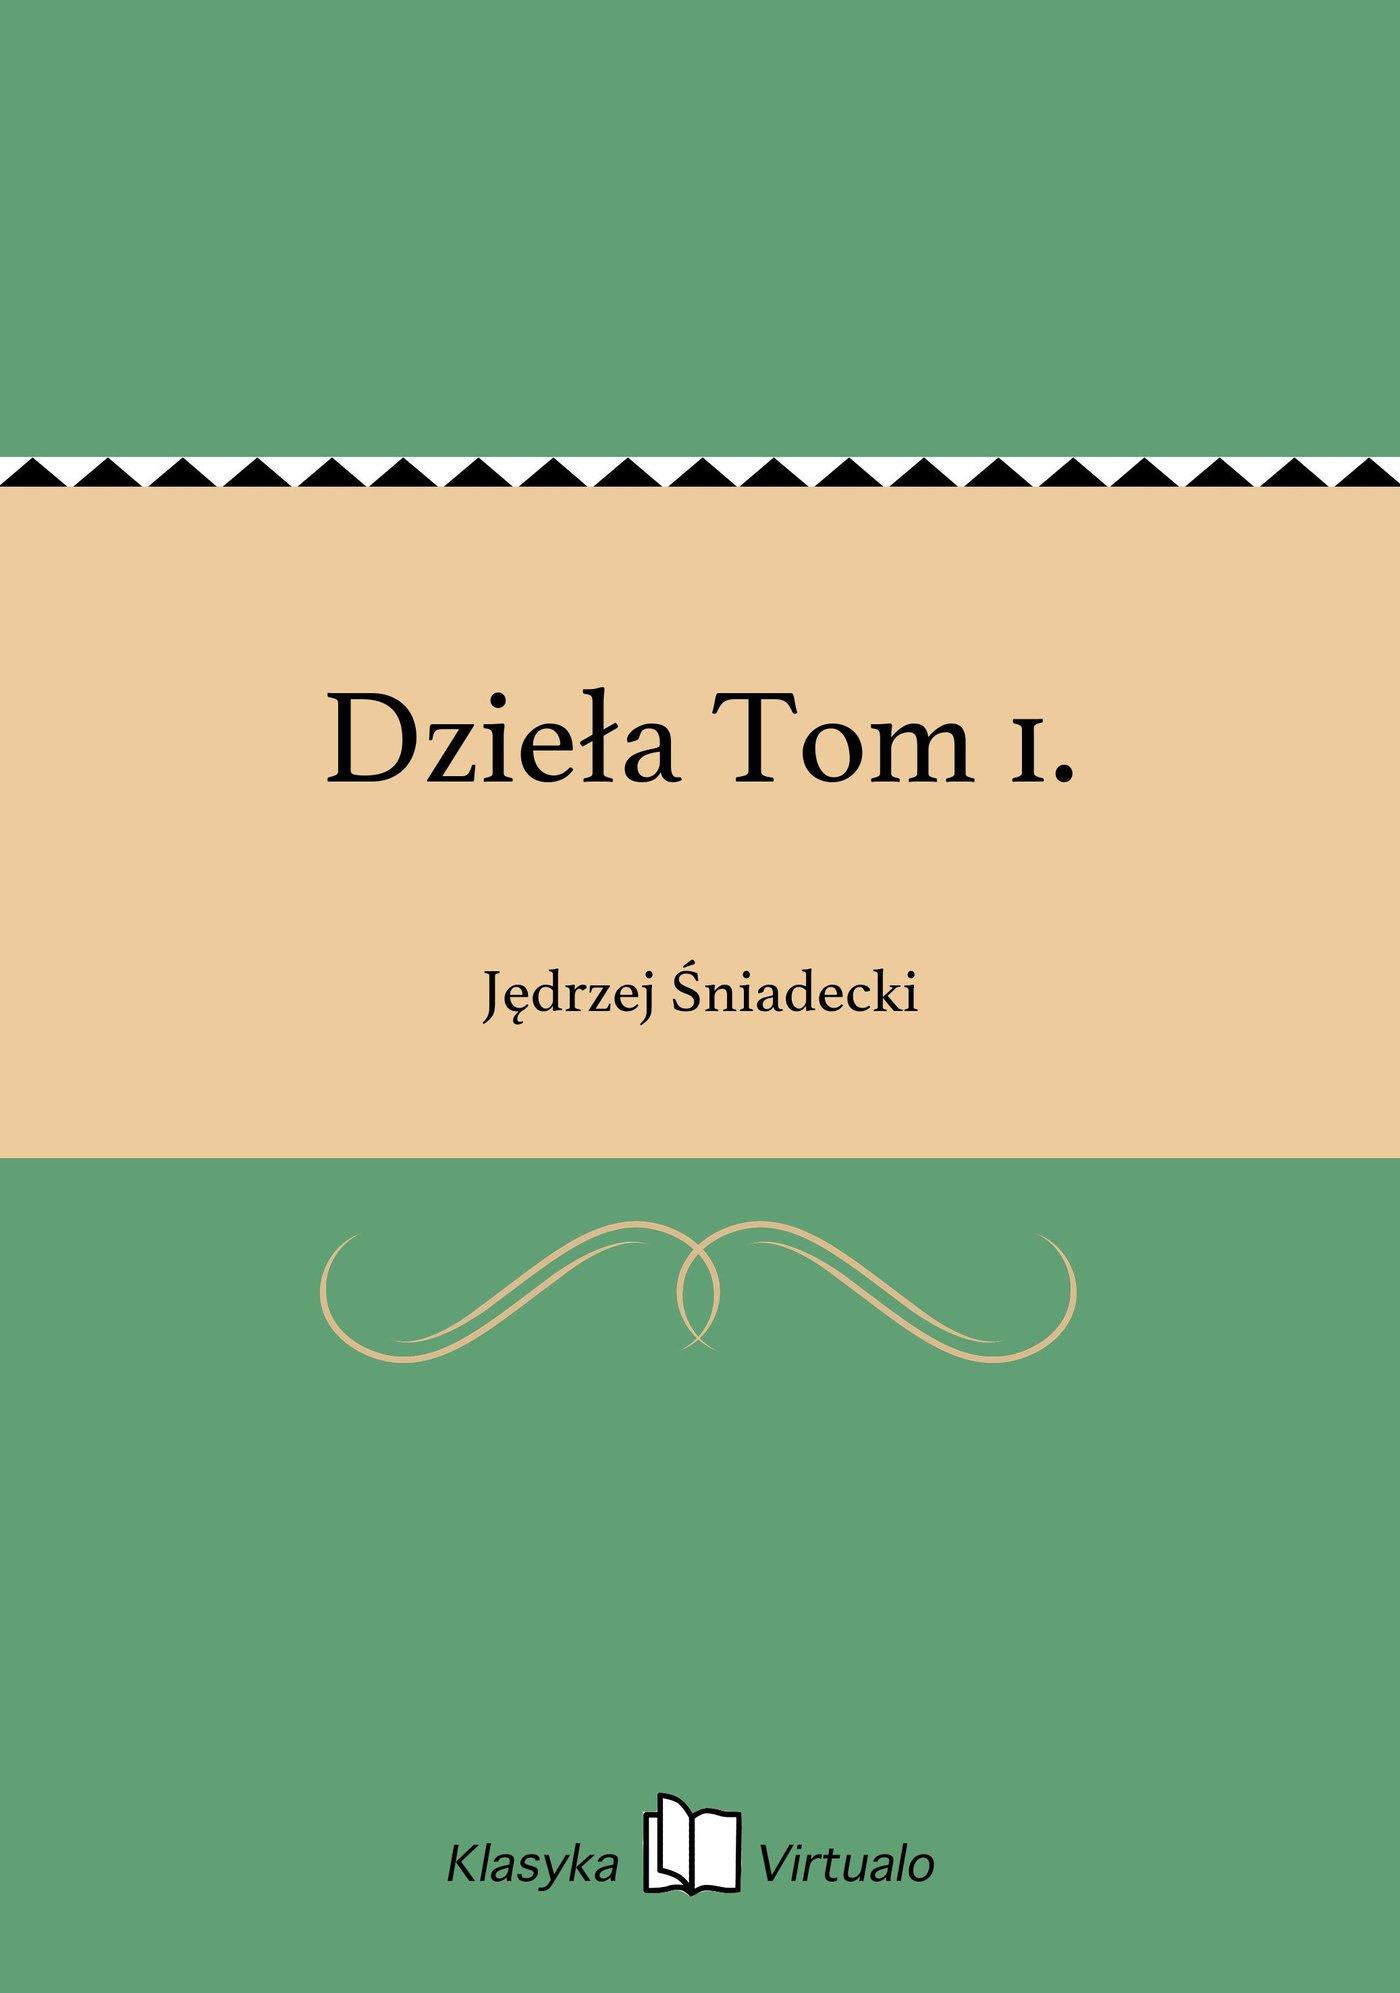 Dzieła Tom 1. - Ebook (Książka EPUB) do pobrania w formacie EPUB